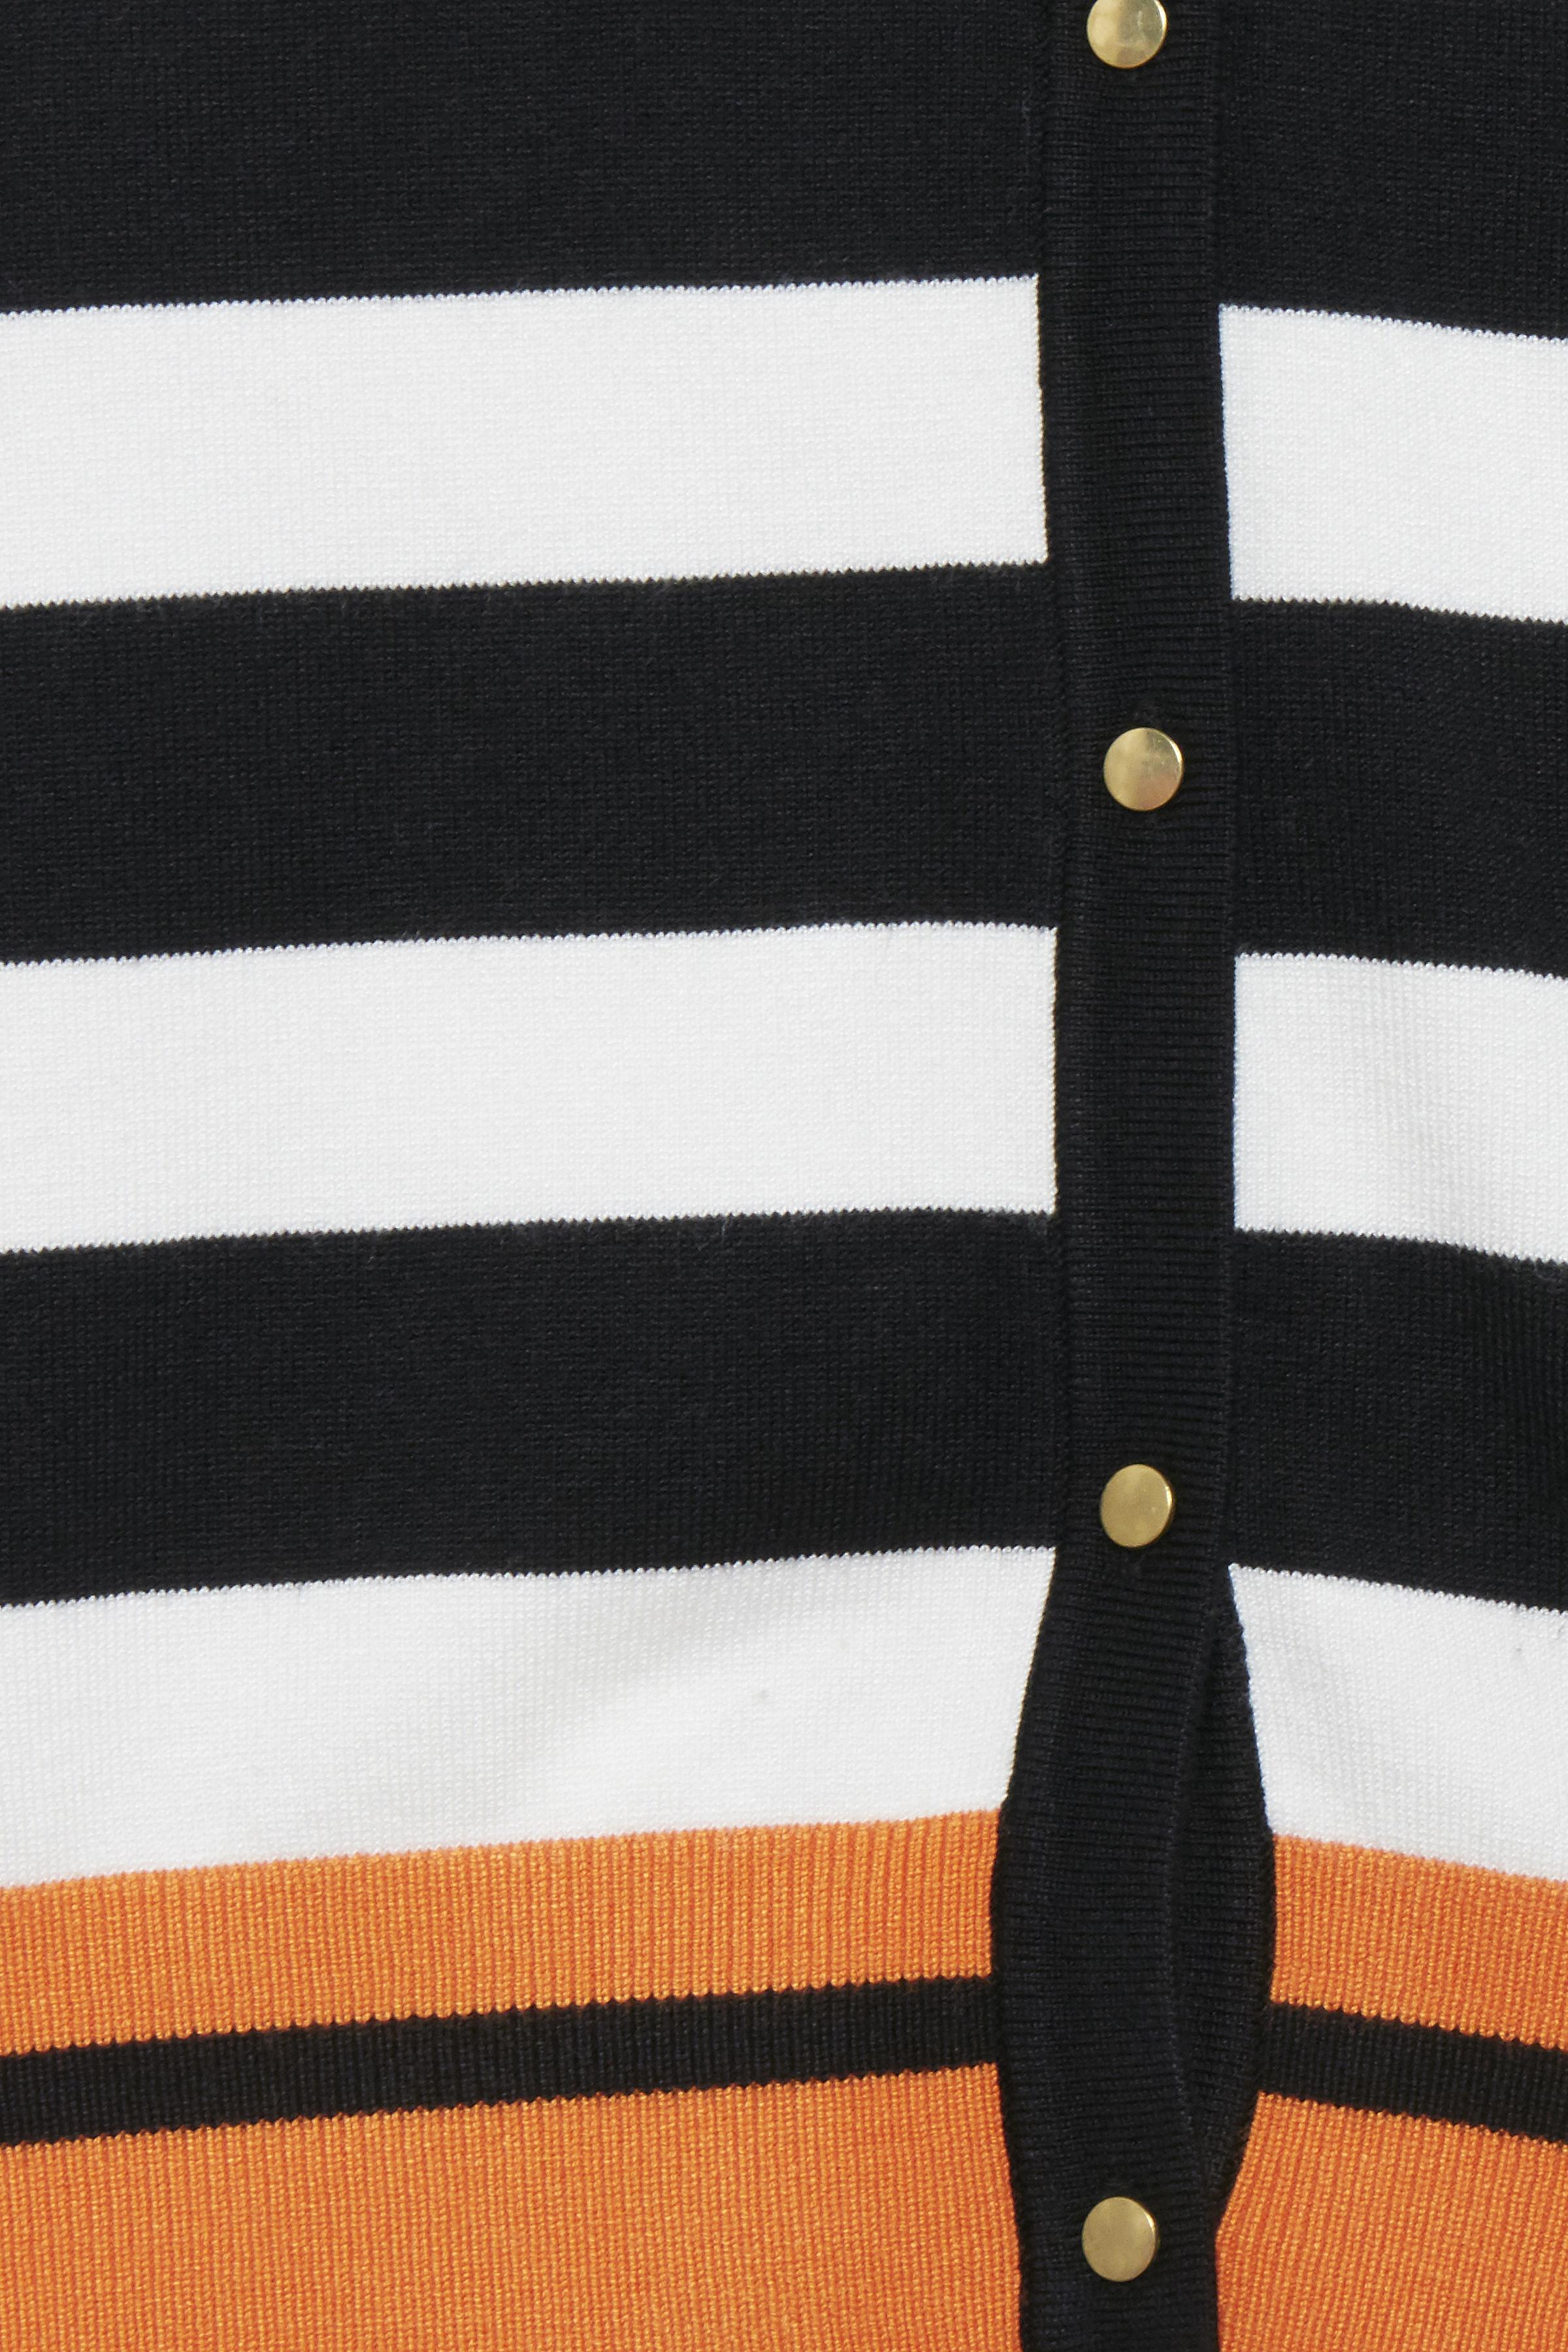 Black Combi Strickjacke von b.young – Kaufen Sie Black Combi Strickjacke aus Größe XS-XXL hier